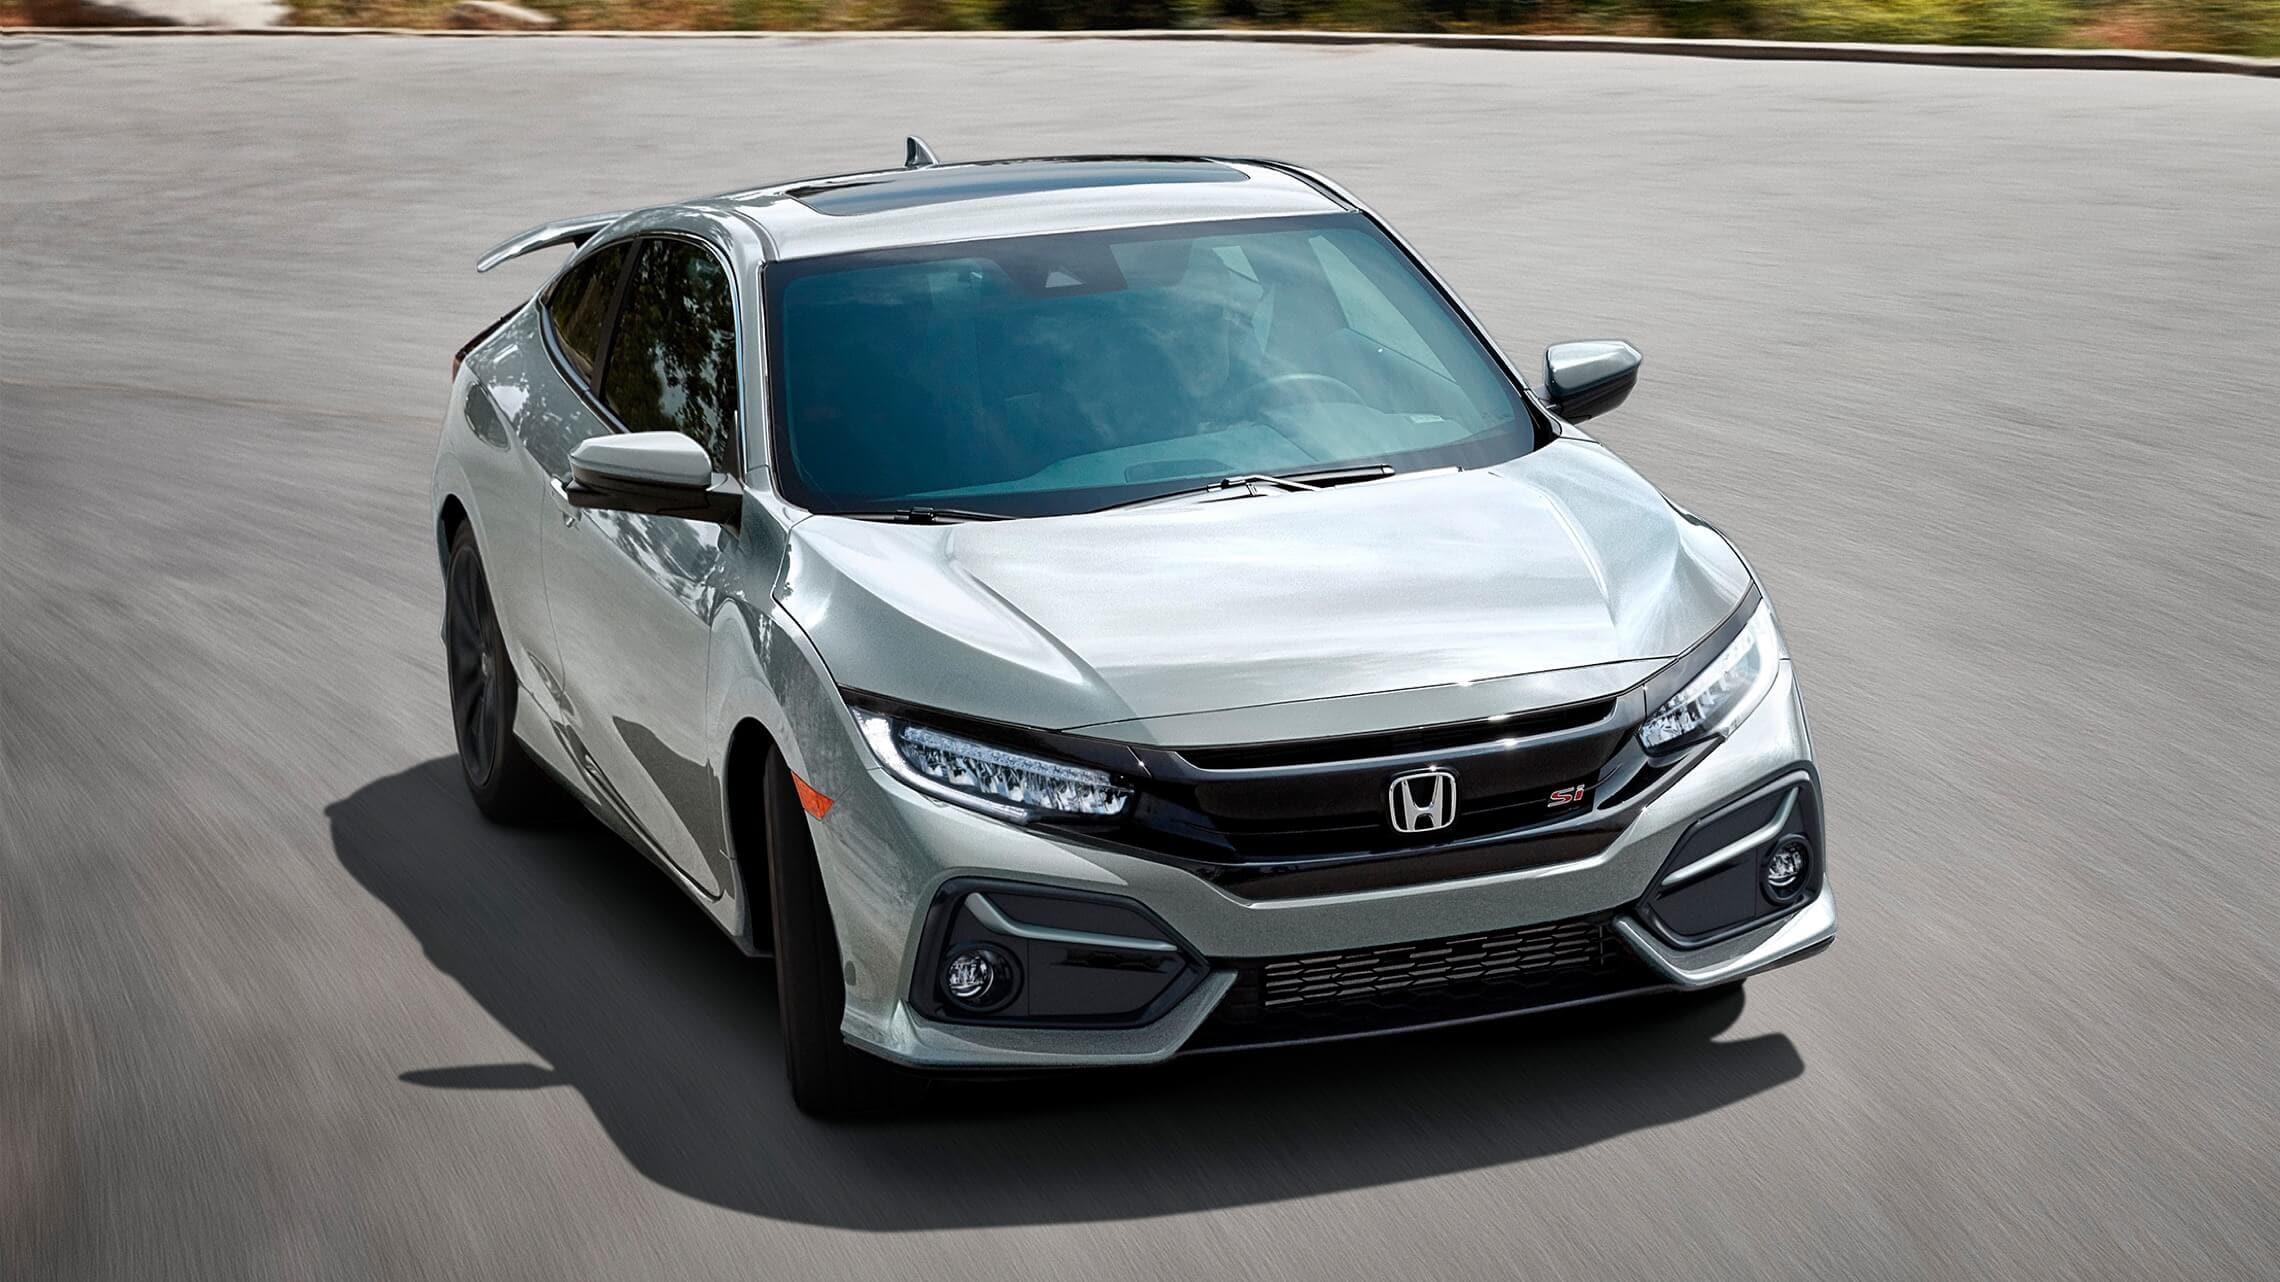 Vista frontal de 7/8 desde el lado del pasajero del Honda Civic Si Coupé2020 en Lunar Silver Metallic.